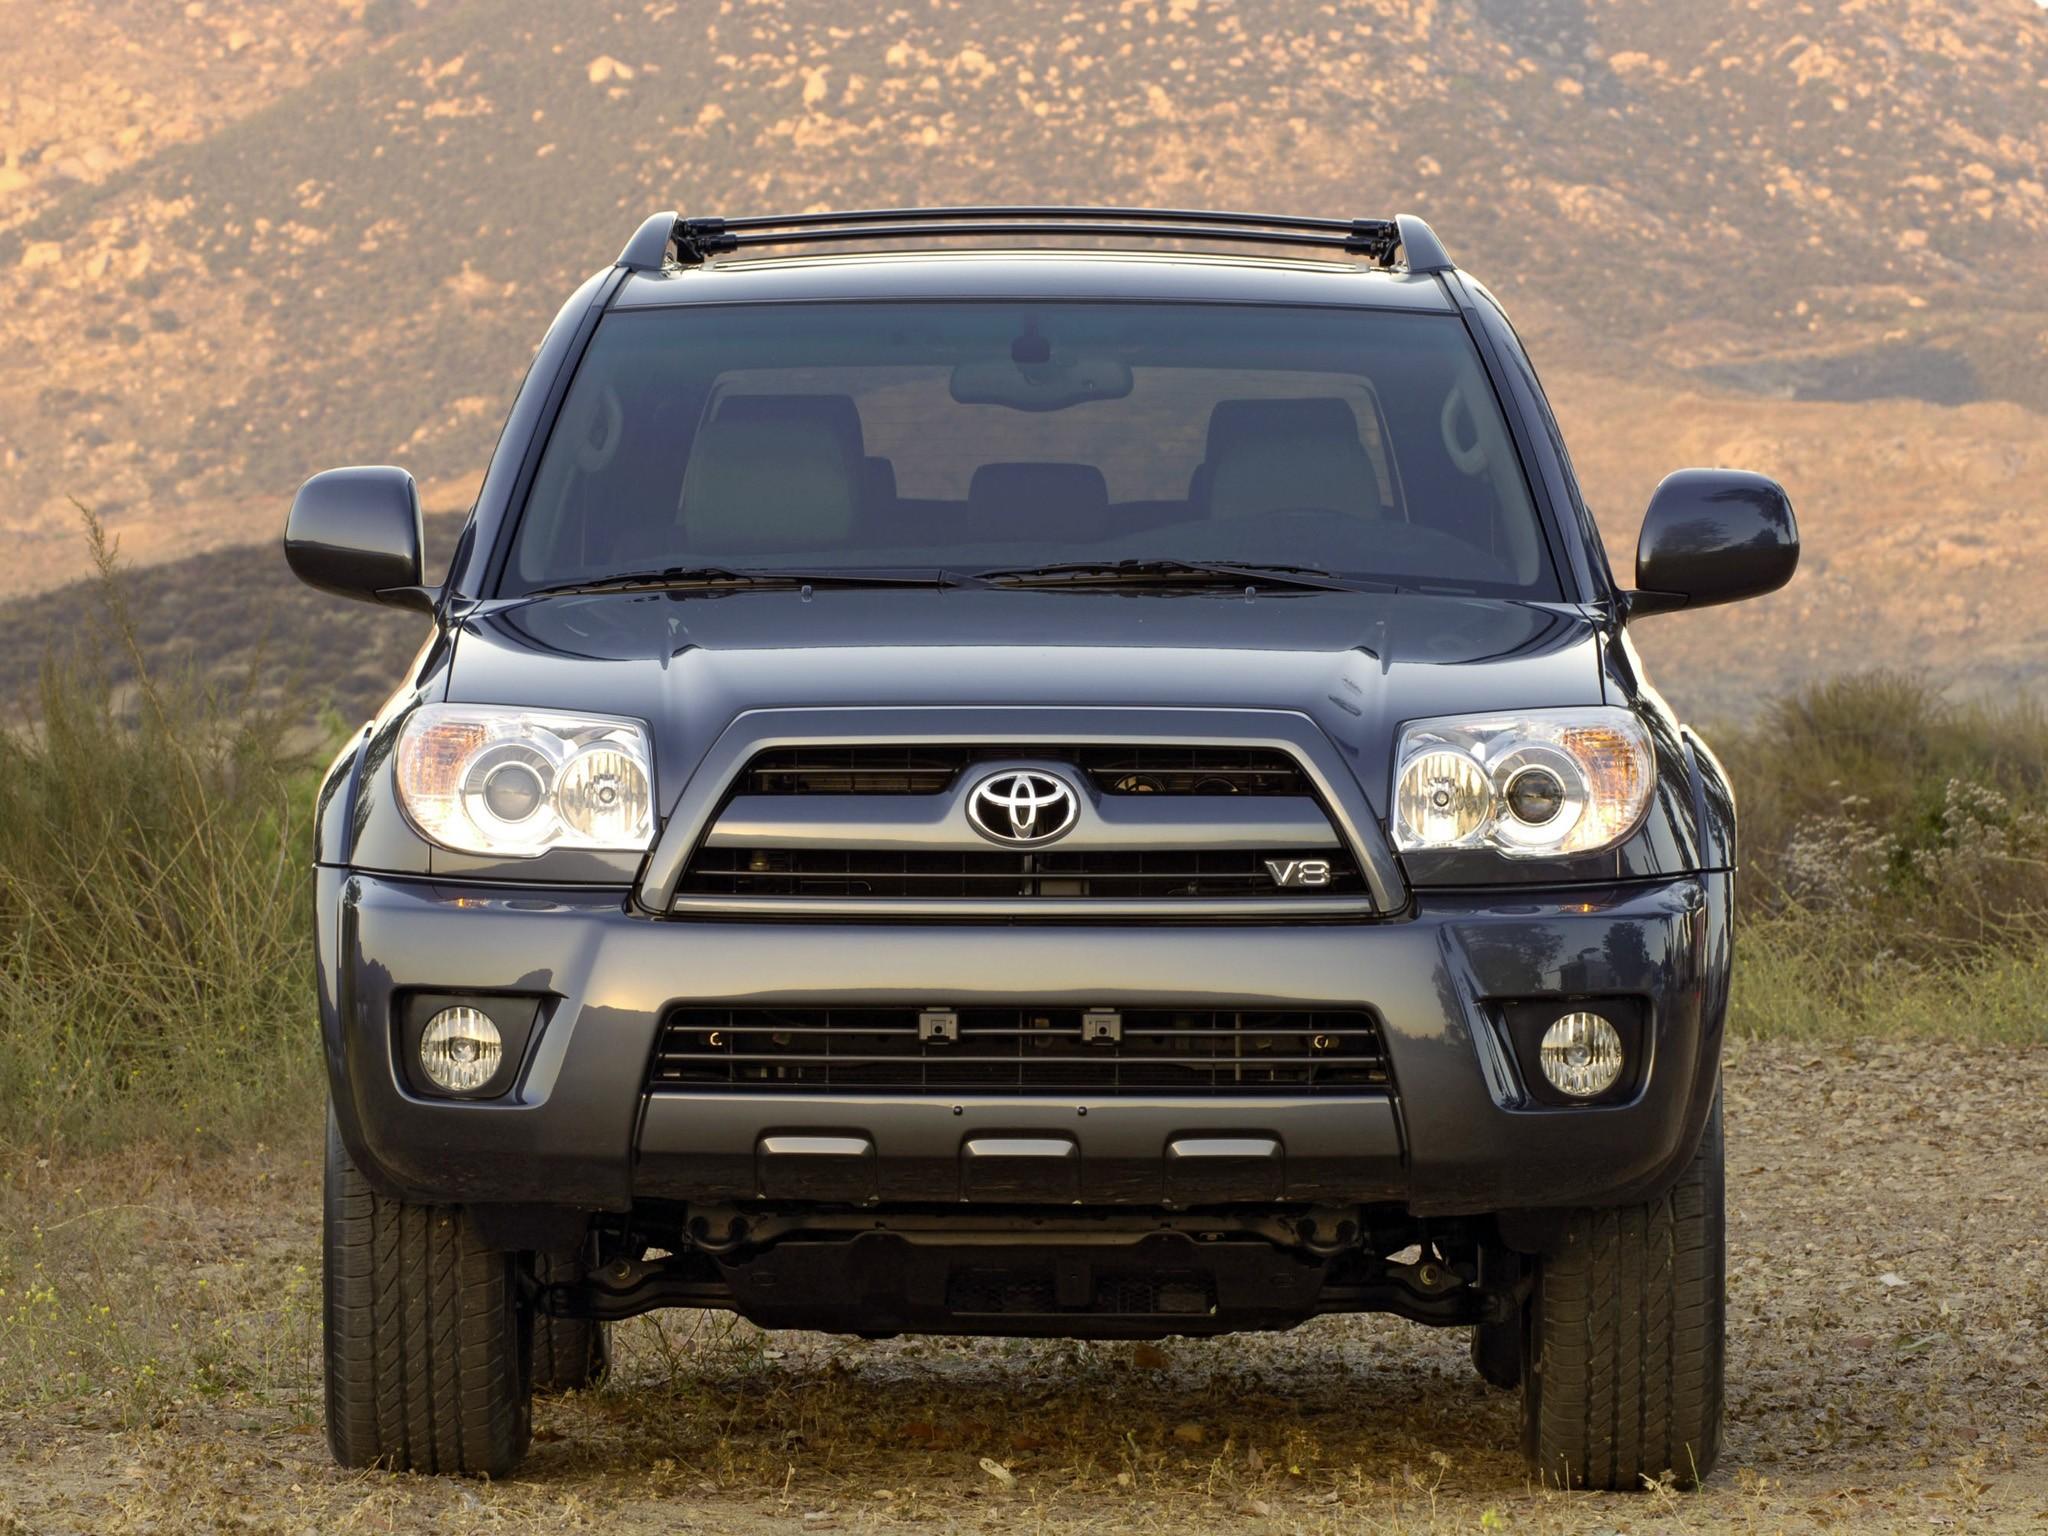 toyota 4runner specs 2003 2004 2005 2006 2007 2008 2009 rh autoevolution com 2007 toyota 4runner manual 2007 toyota 4runner manual pdf